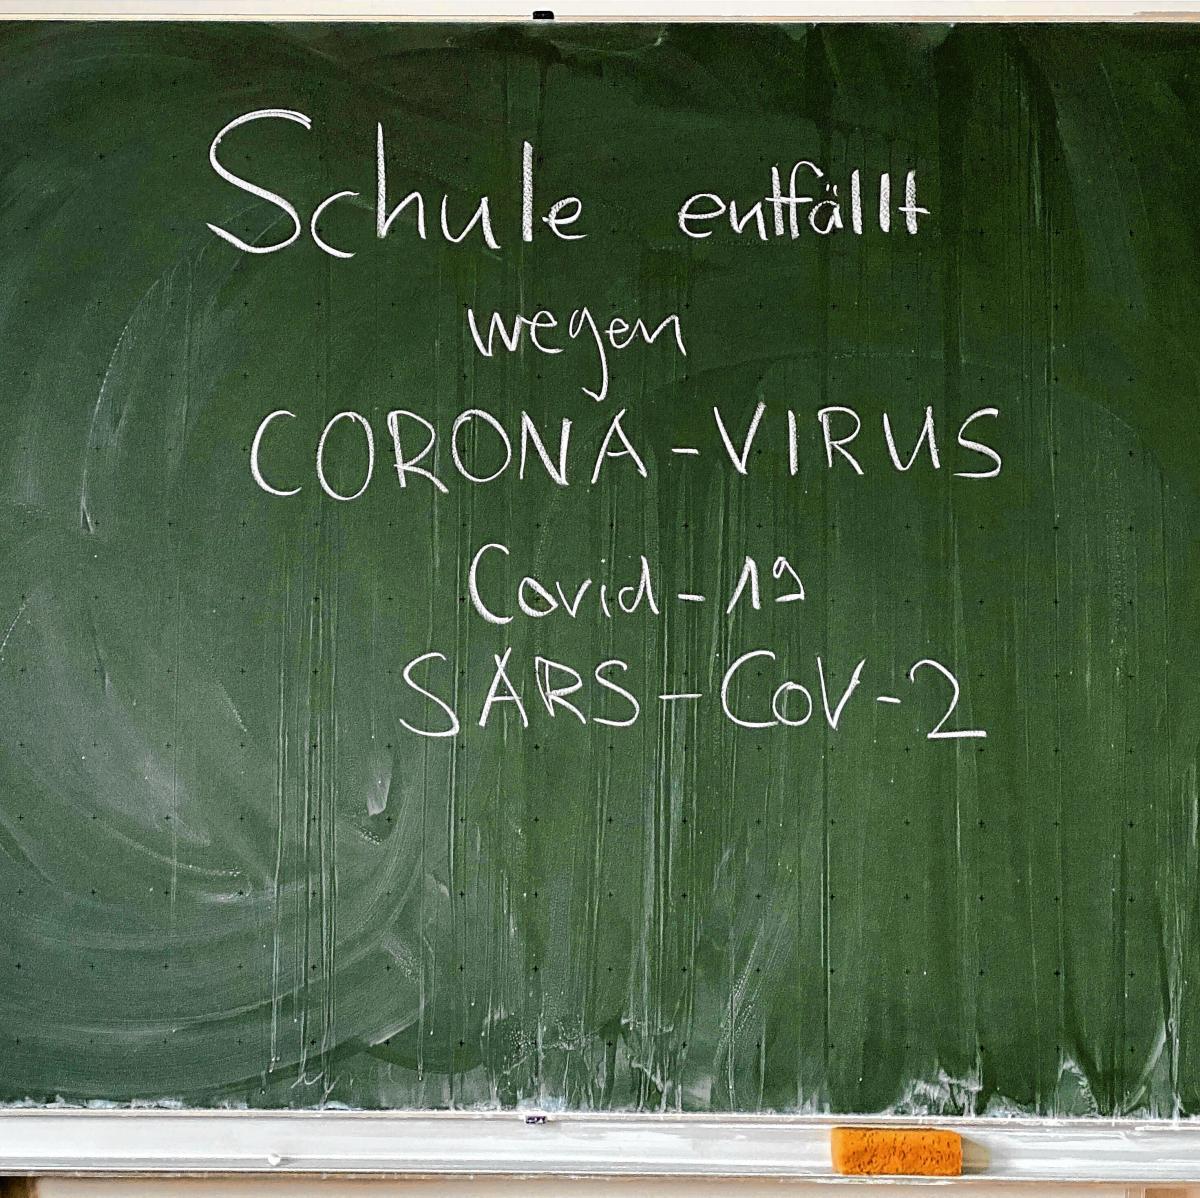 Schule enfällt wegen Corona-Virus